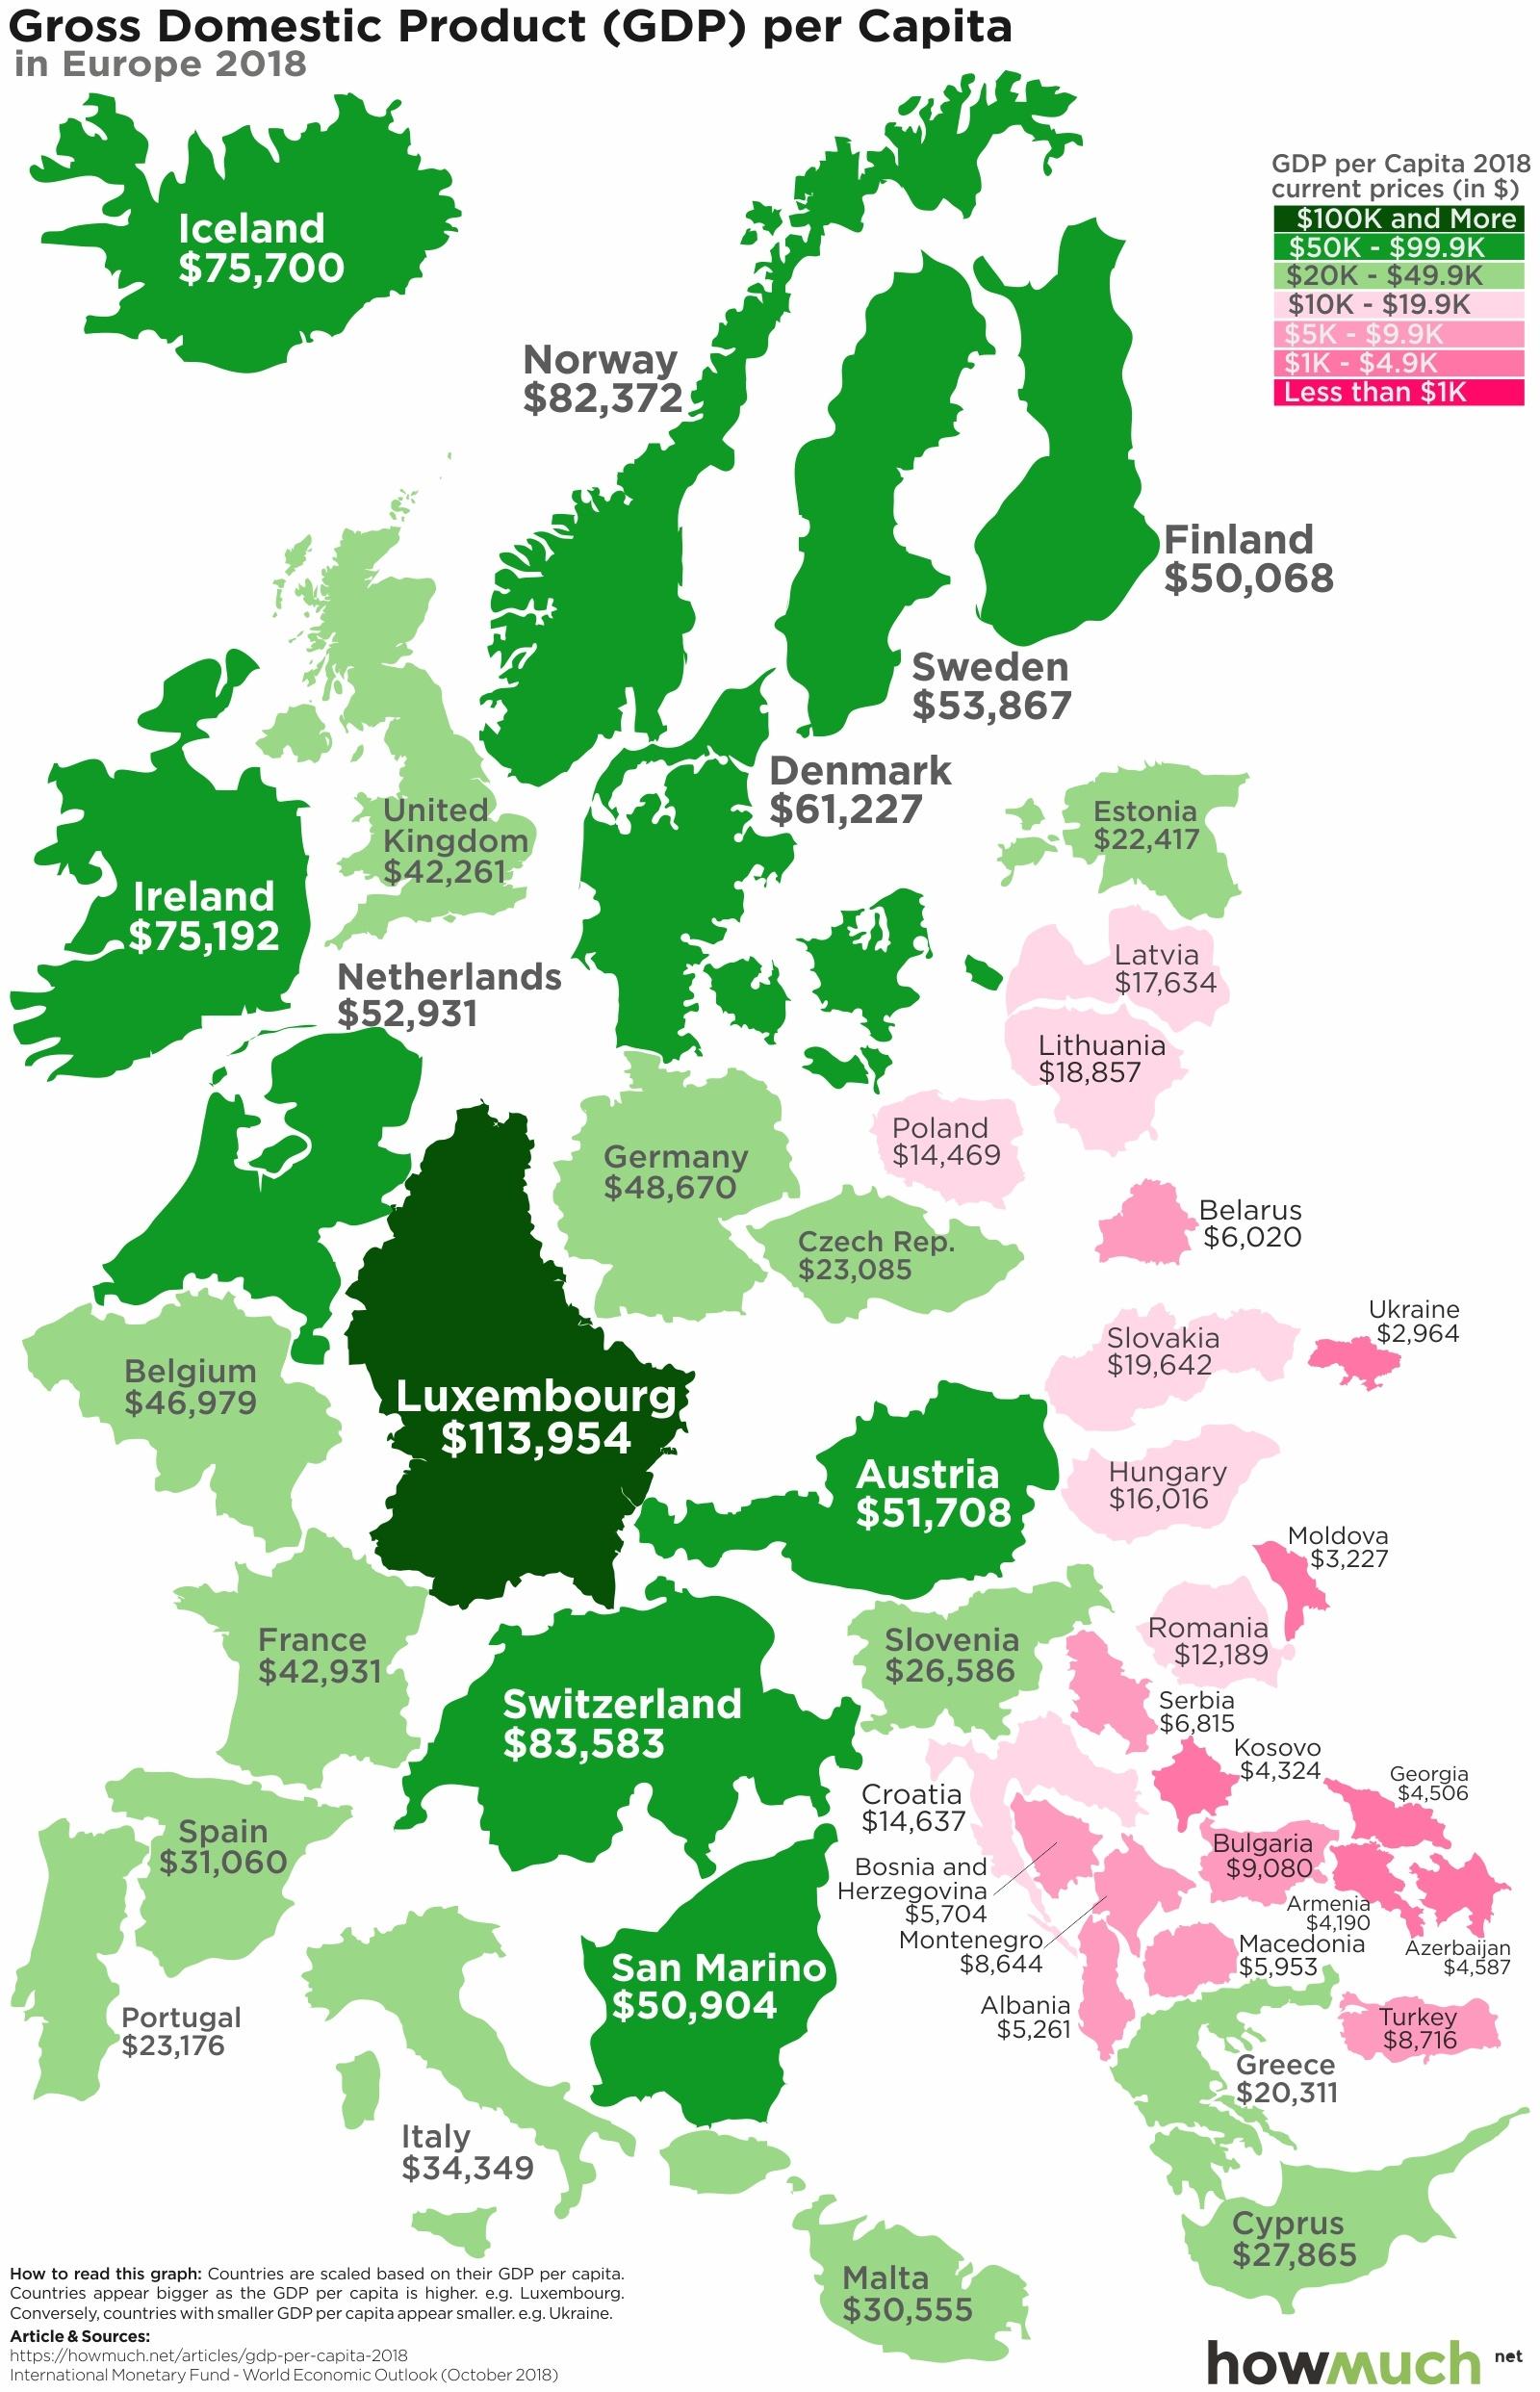 GDP per Capita in Europe